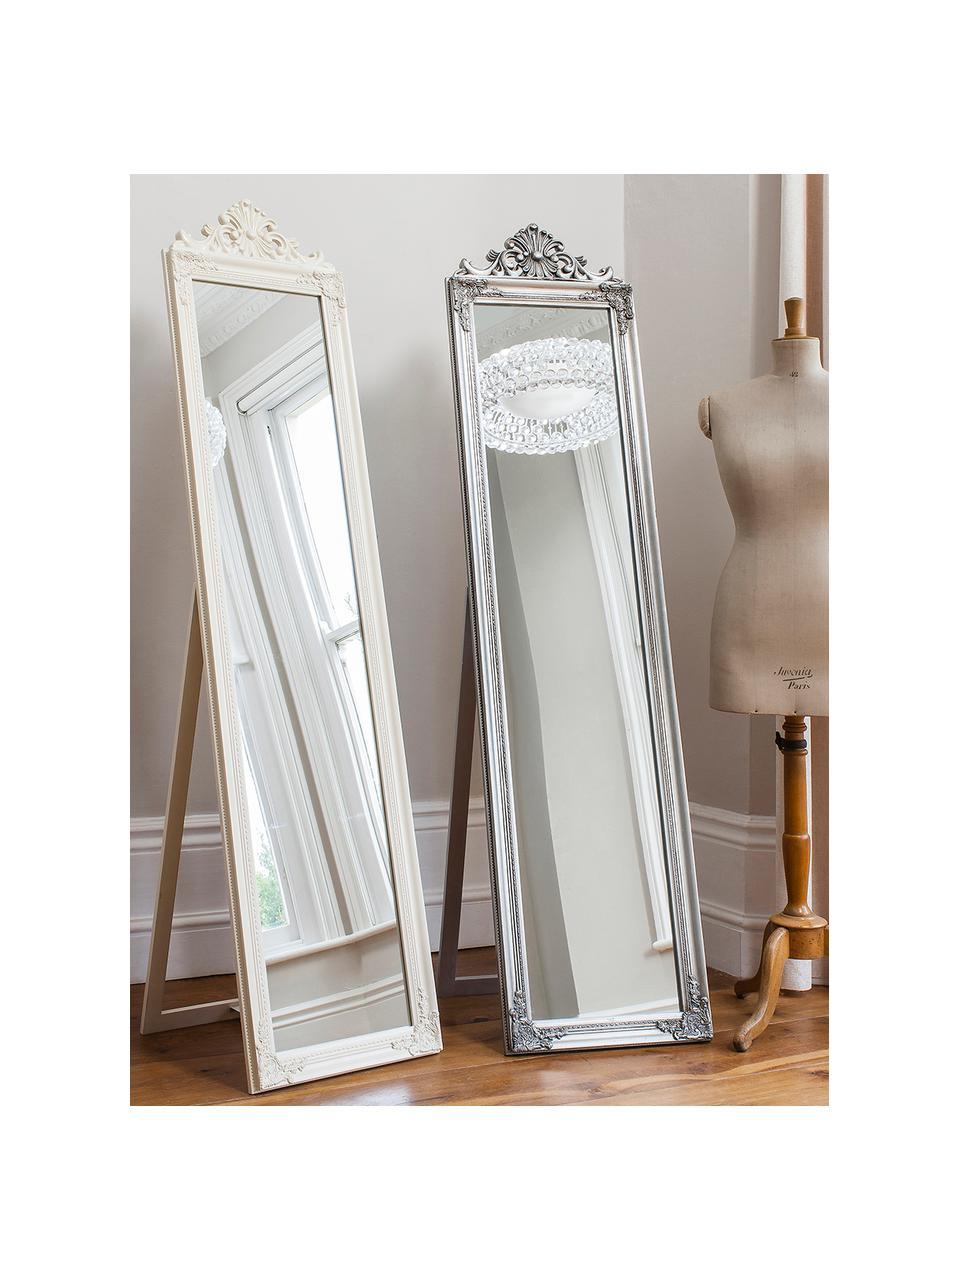 Eckiger Standspiegel Lambeth, Rahmen: Polyresin, Spiegelfläche: Spiegelglas, Silberfarben, 46 x 79 cm